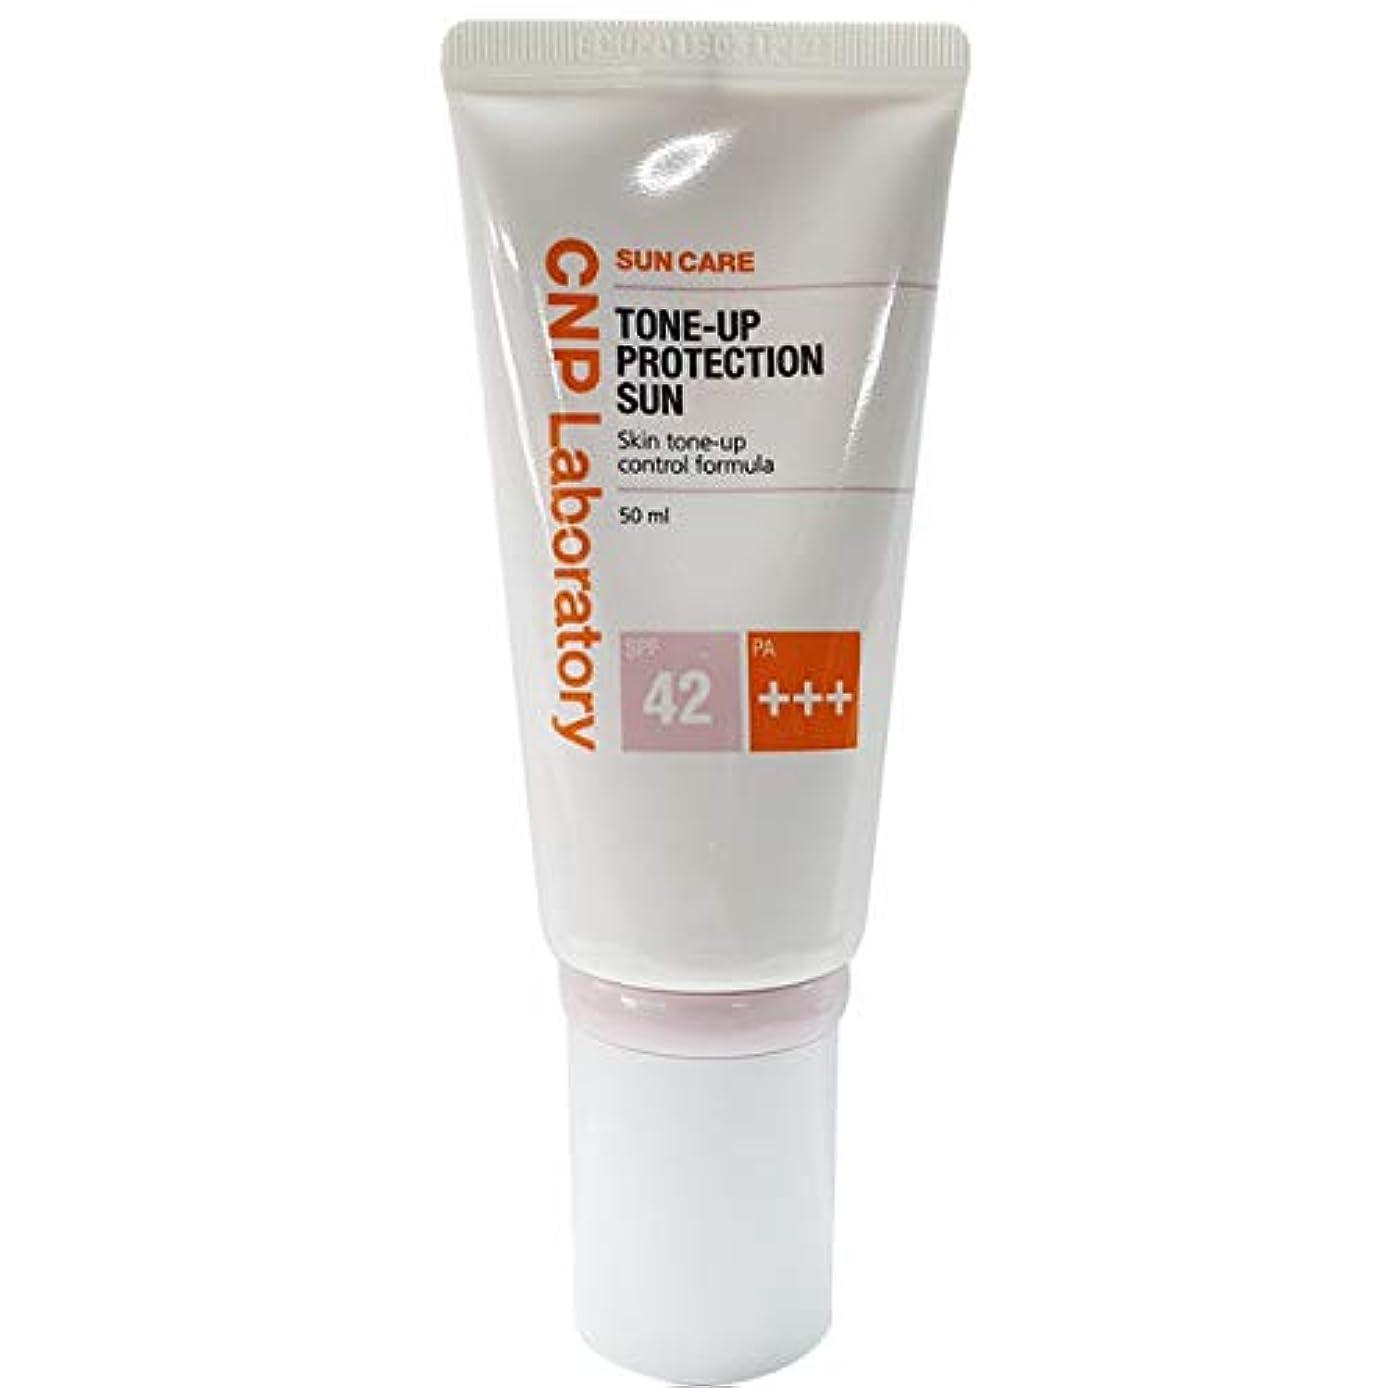 肉アルコーブ妊娠したCNP チャアンドパク トンオププロテクションサン?クリーム紫外線遮断剤 50ml (SPF42 / PA+++)、2019 NEW, CNP Tone-up Protection Sun Cream/韓国日焼け止め